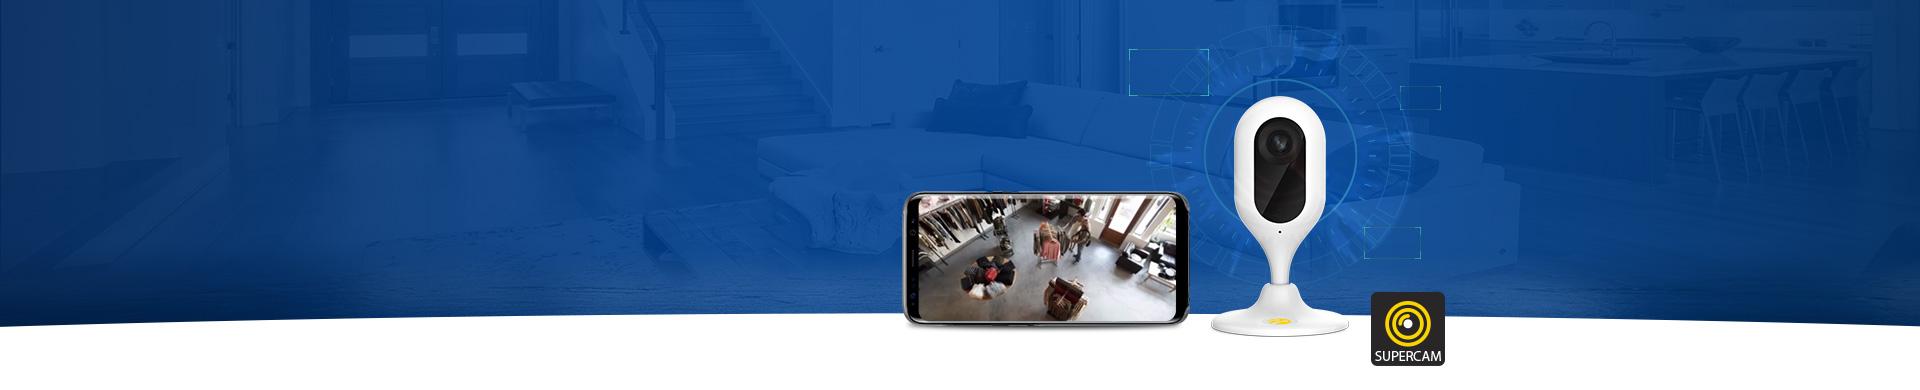 Supercam ile Gözün Arkada Kalmasın Aklınız evinizde kalmasın! Supercam ile mobil uygulamanızdan izleyin, geriye dönük kayıtlarınıza ulaşın. Üstelik kurulum ücretsiz!